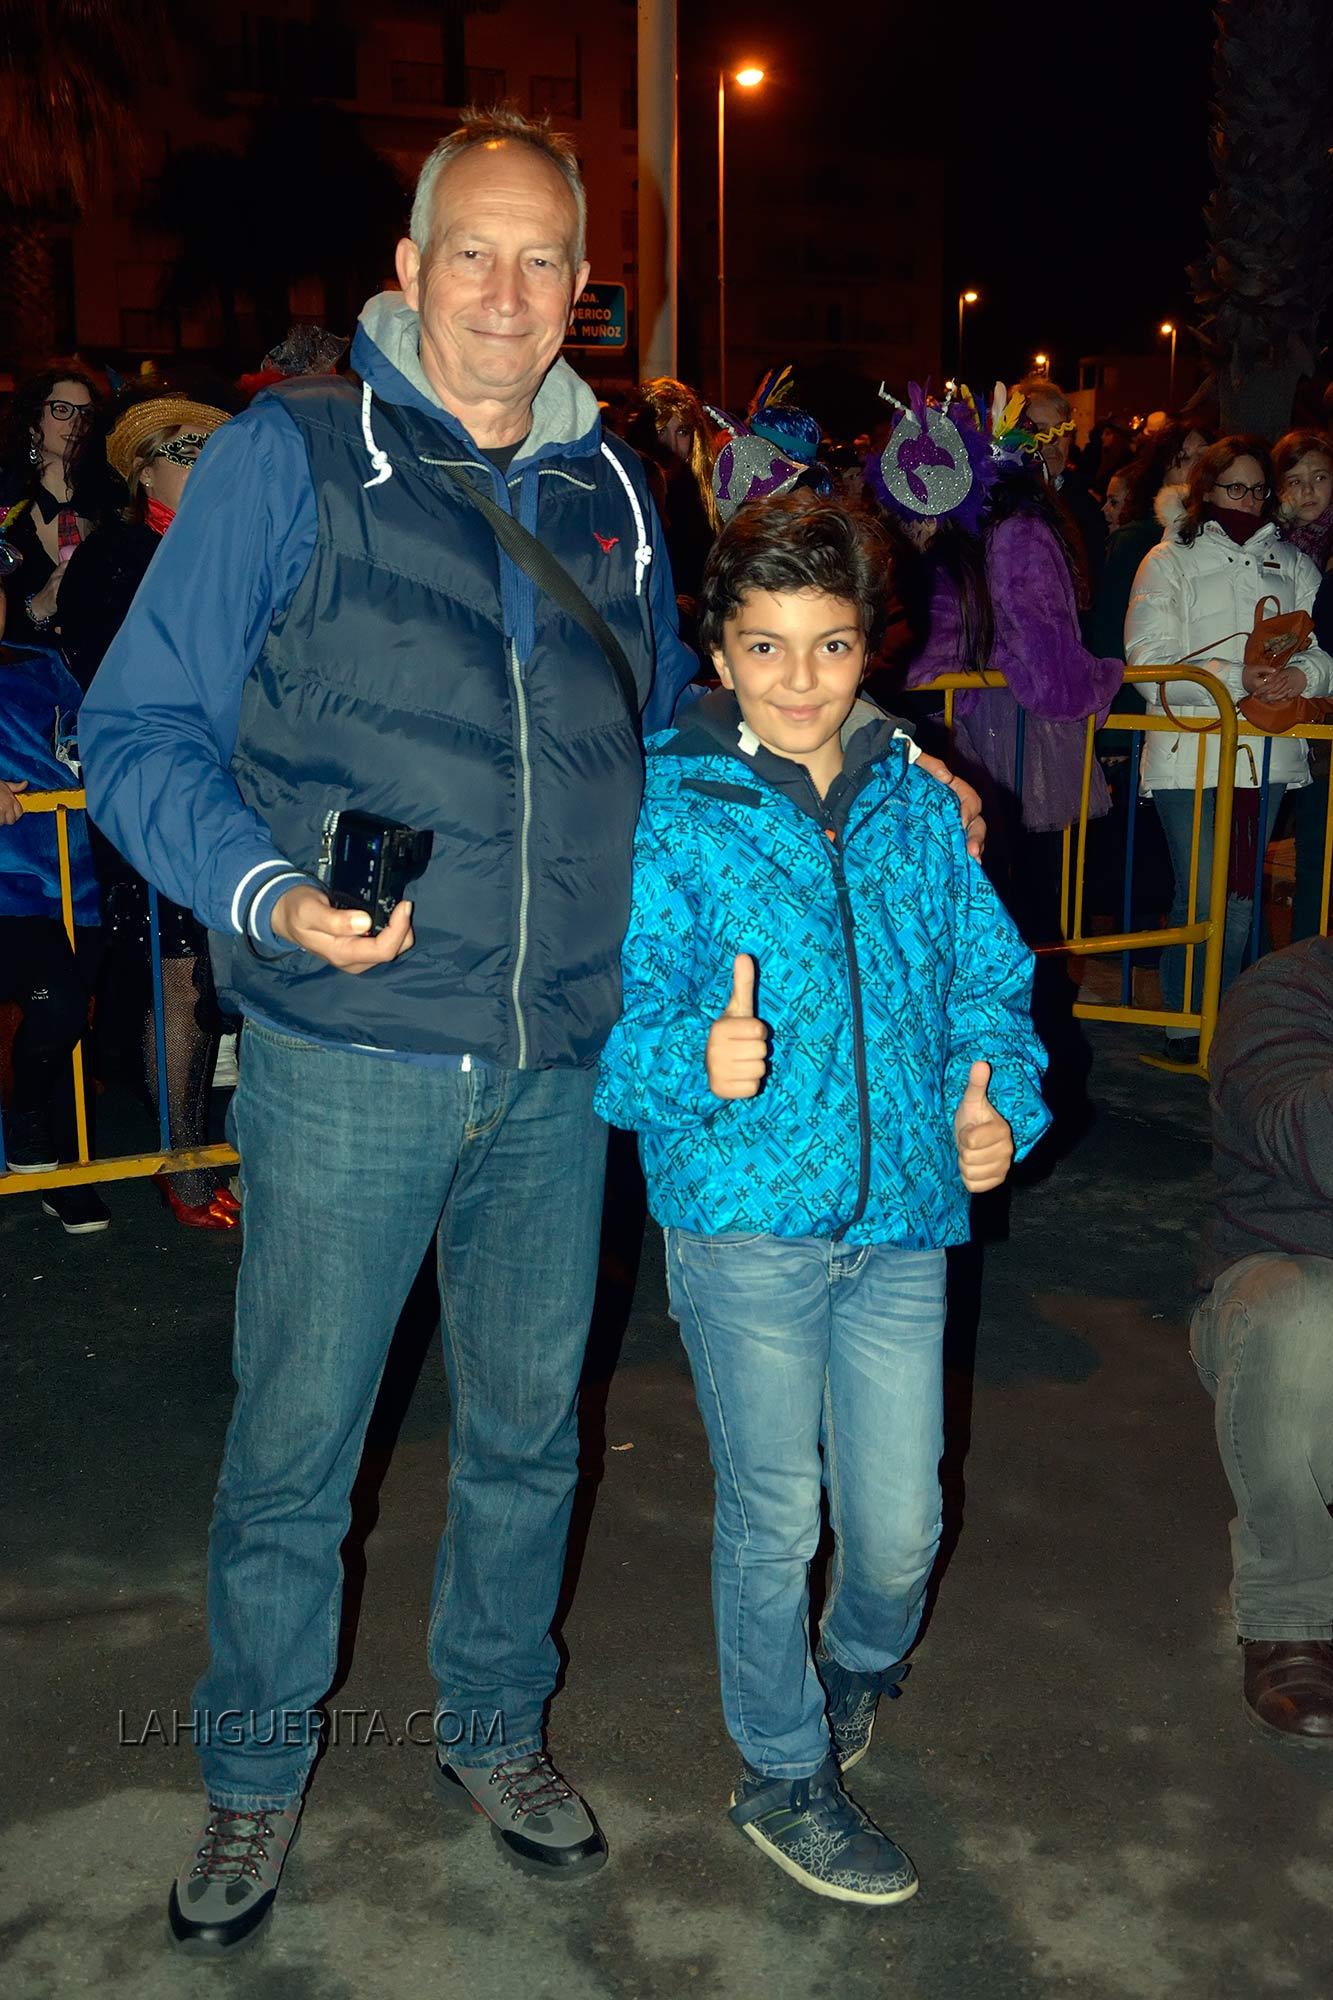 Entierro de la sardina carnaval isla cristina _DSC2436